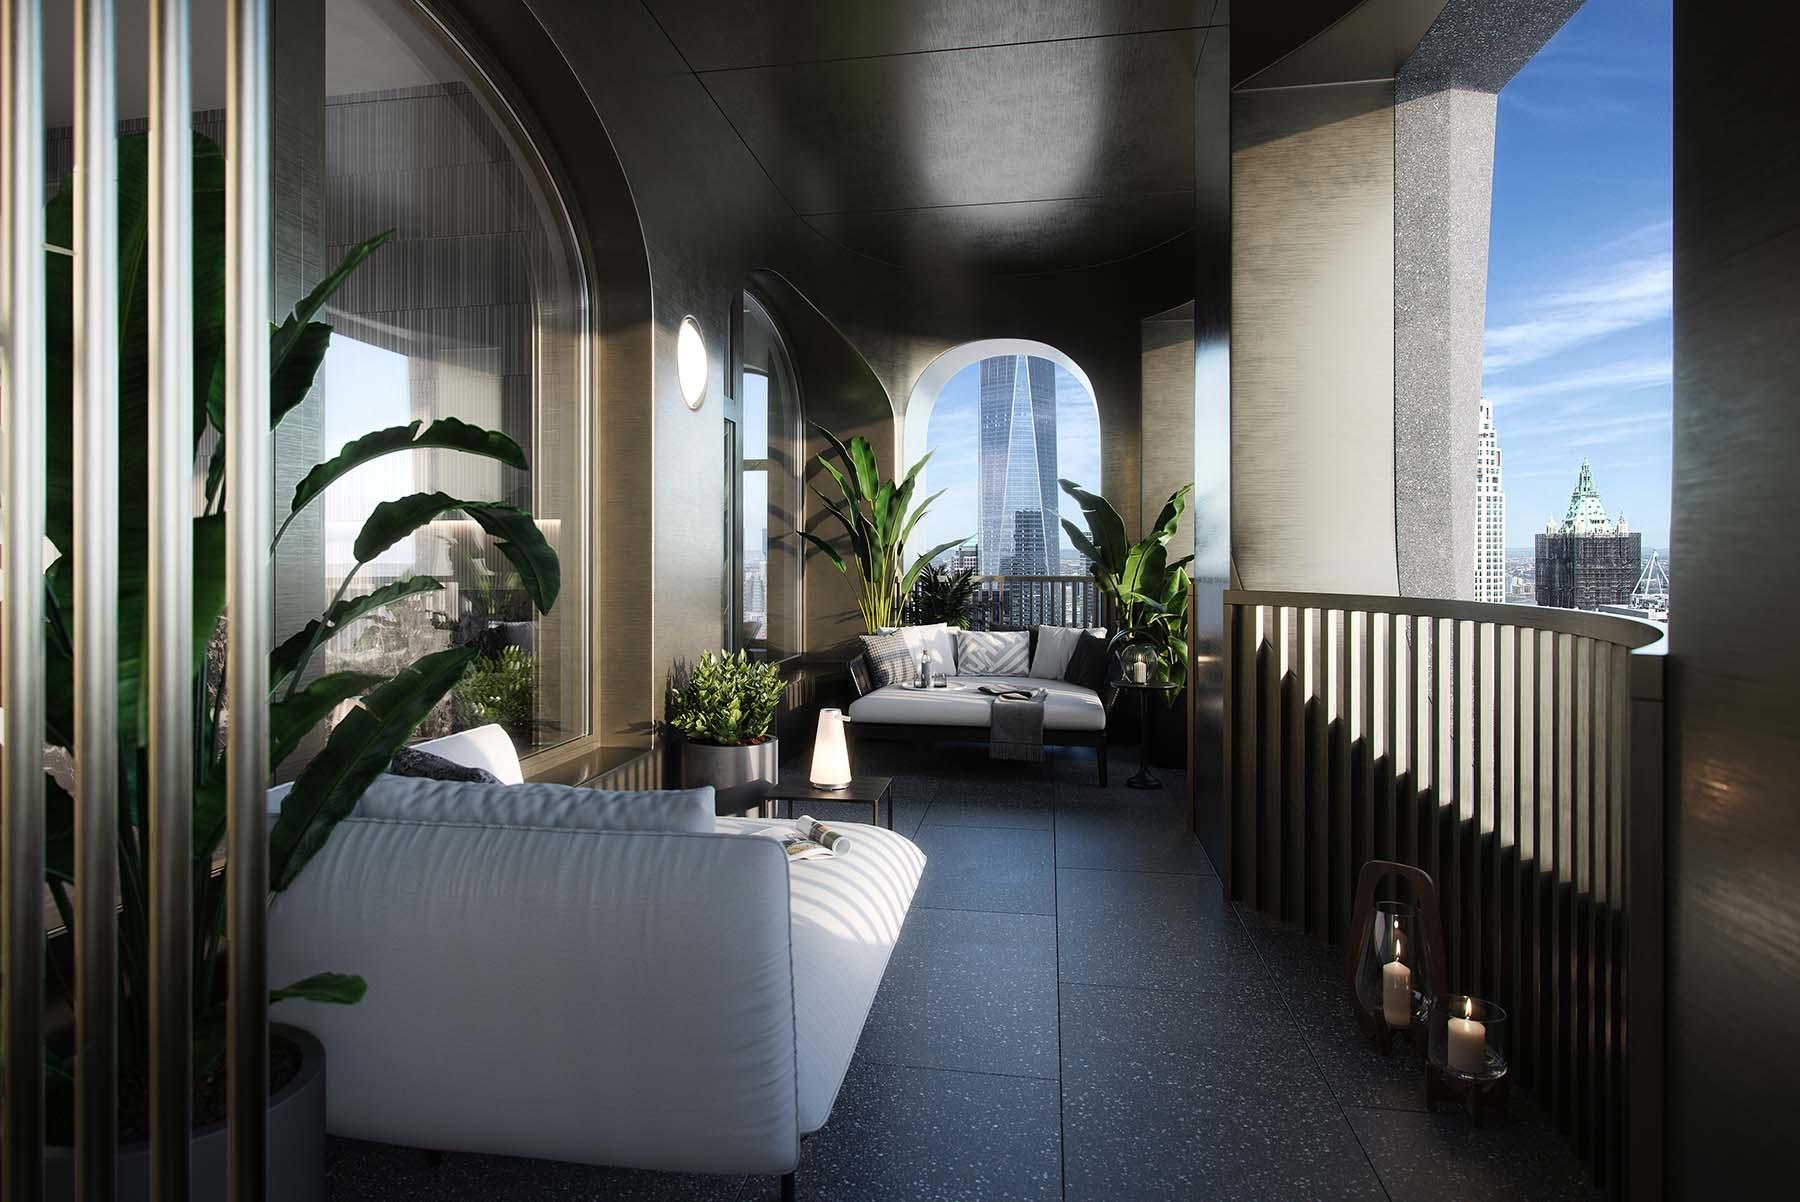 El salón brinda acceso directo a la logia que combina espacios interiores y exteriores.